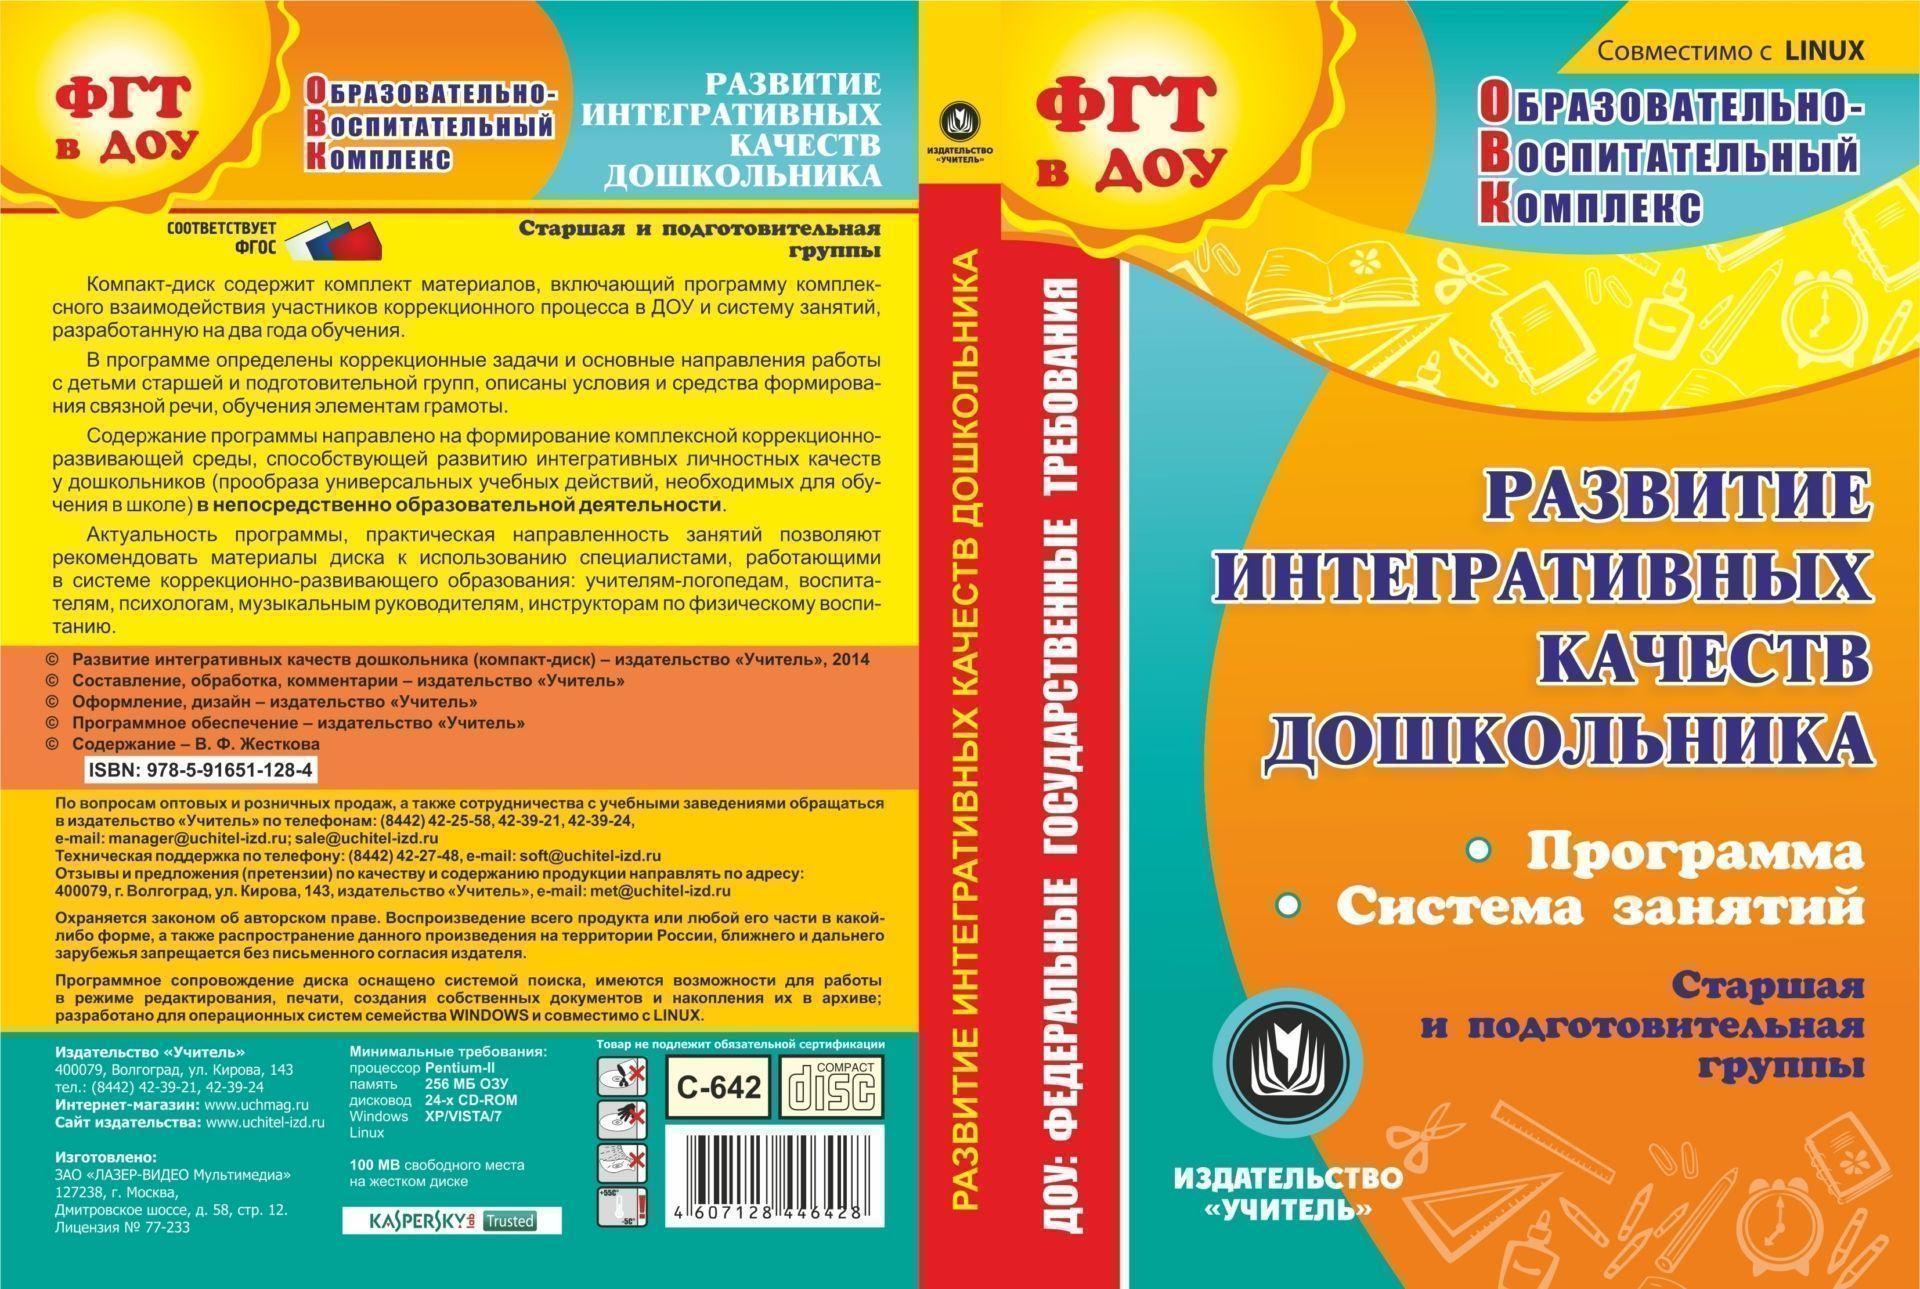 Купить со скидкой Развитие интегративных качеств дошкольника. Компакт-диск для компьютера: Программа. Система занятий.